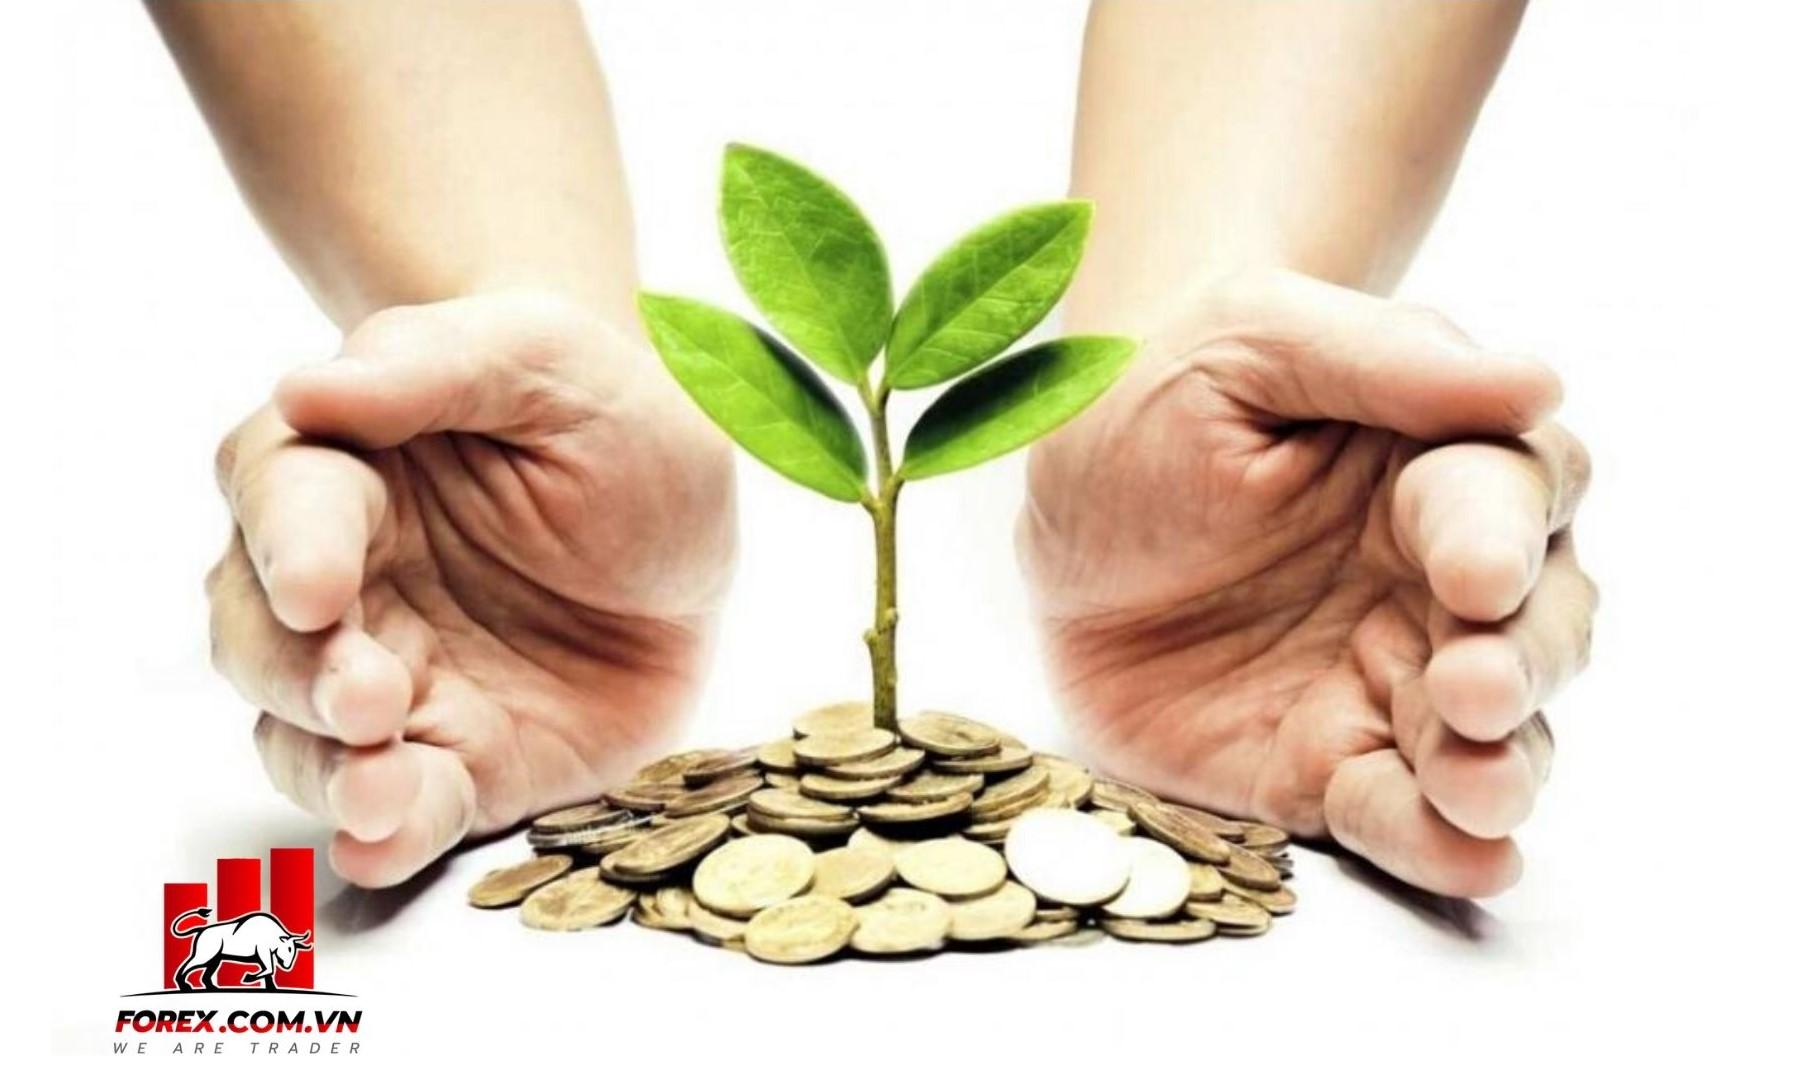 Đầu tư vàng hay gửi tiết kiệm đâu là hình thức sinh lời và an toàn hơn